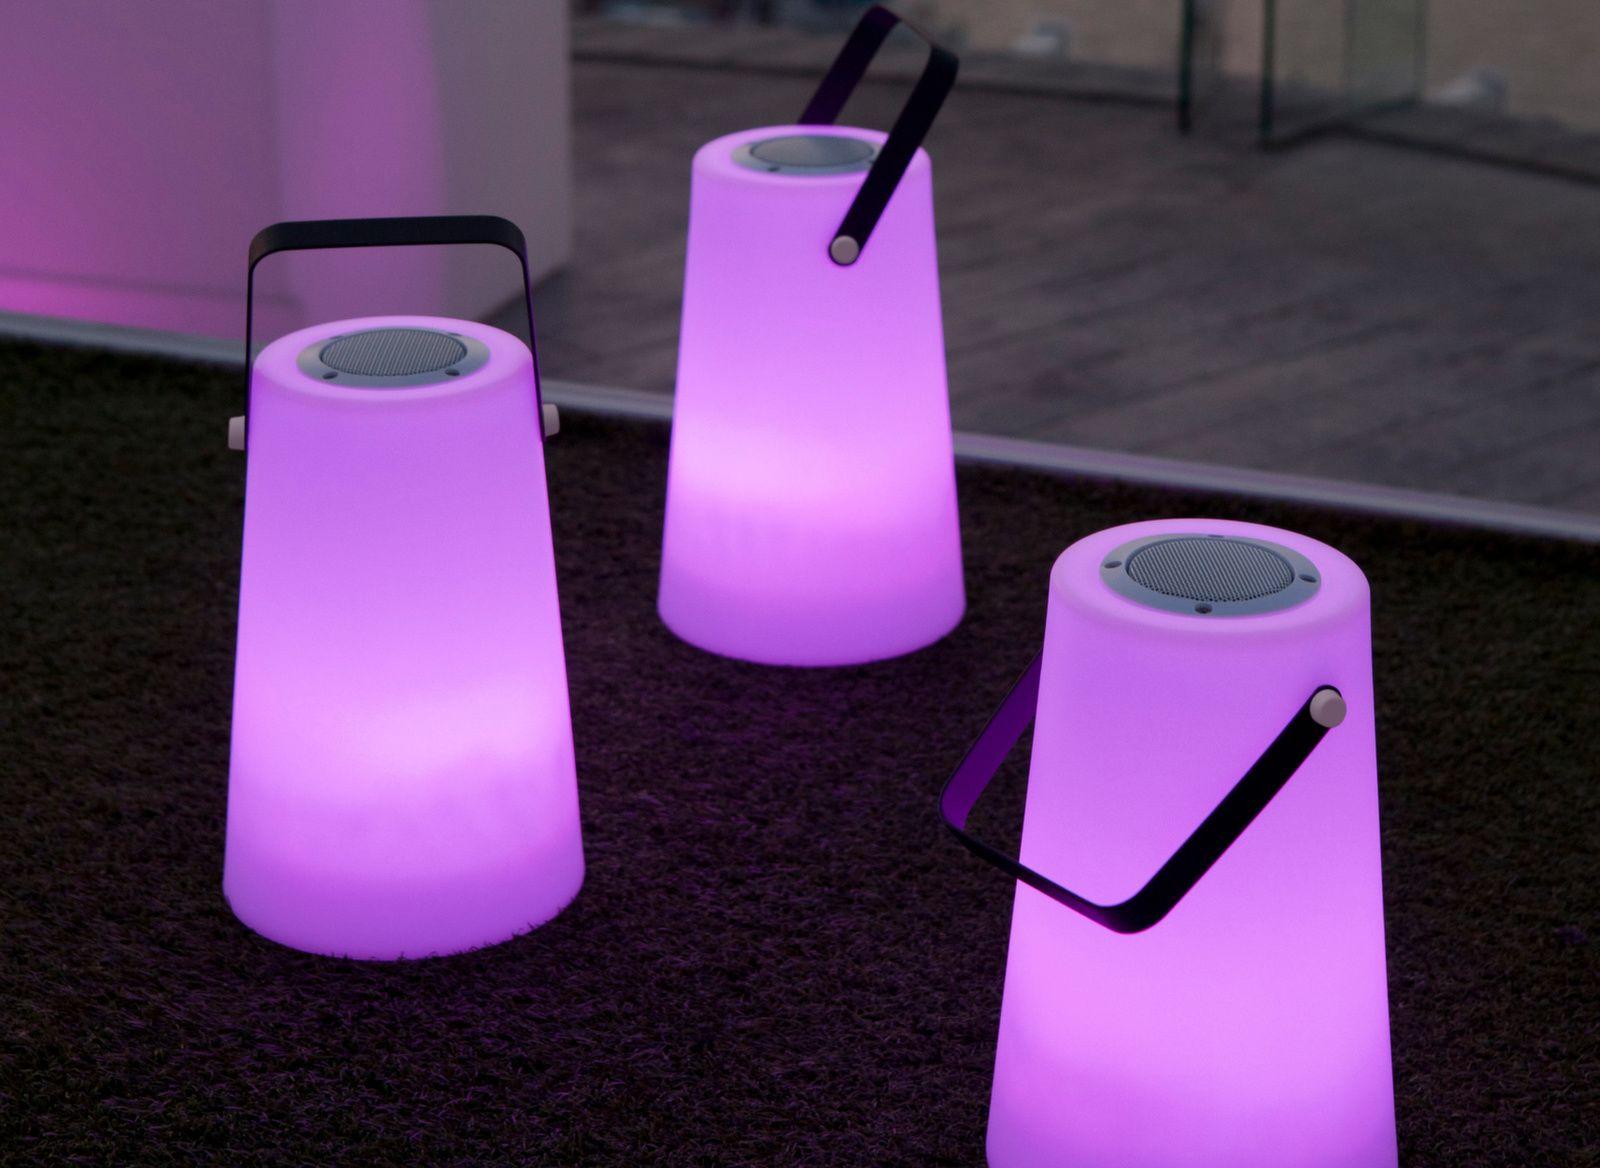 Lampe haut-parleur Nomada Play